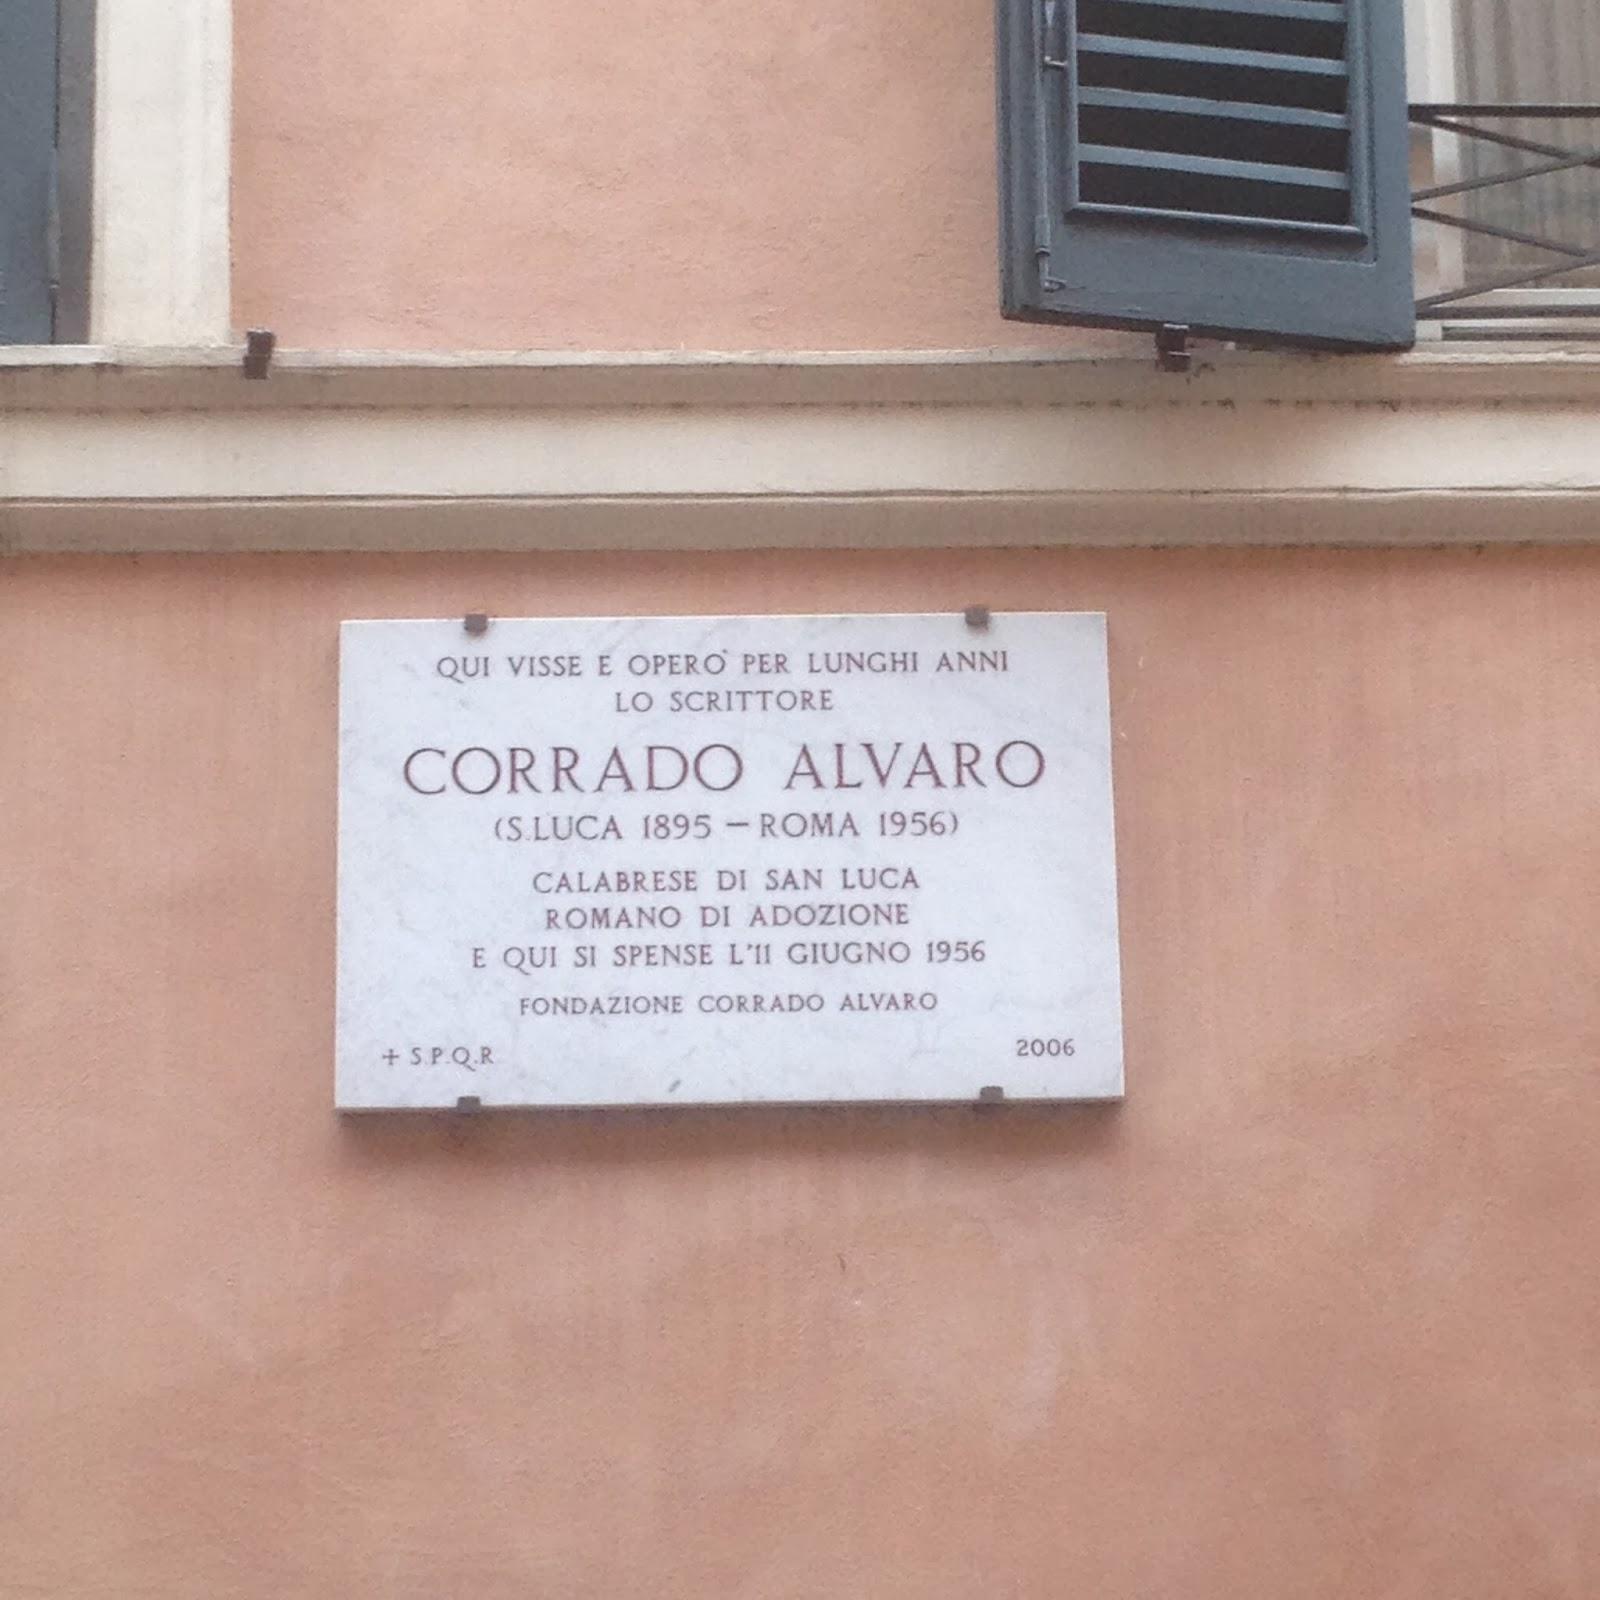 Corrado Alvaro net worth